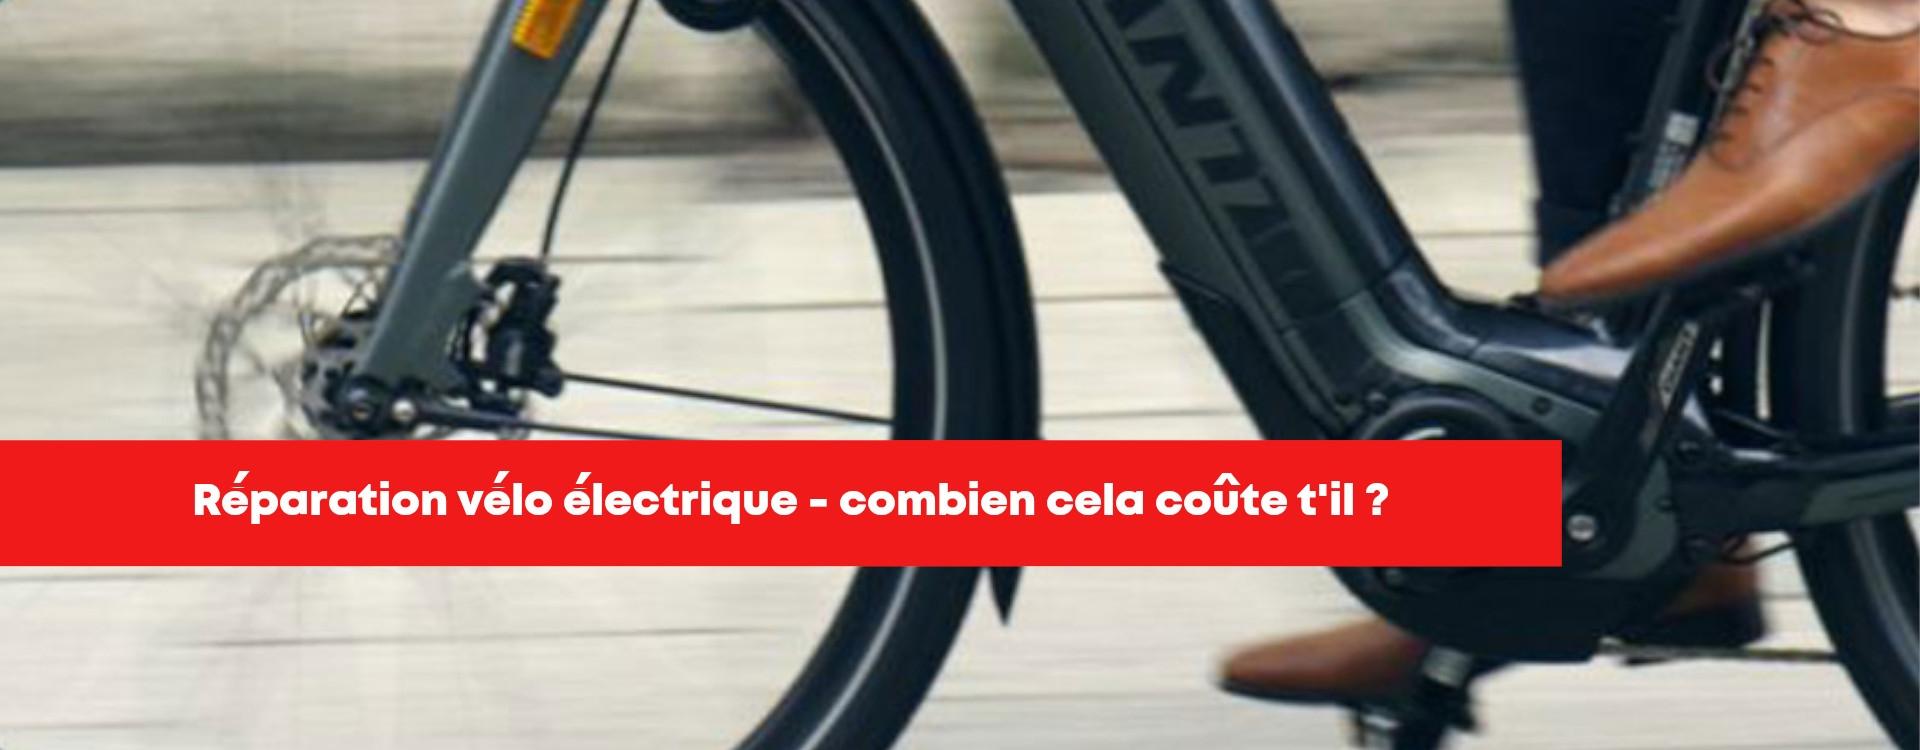 Entretien vélo électrique, les coûts moyens des prestations !